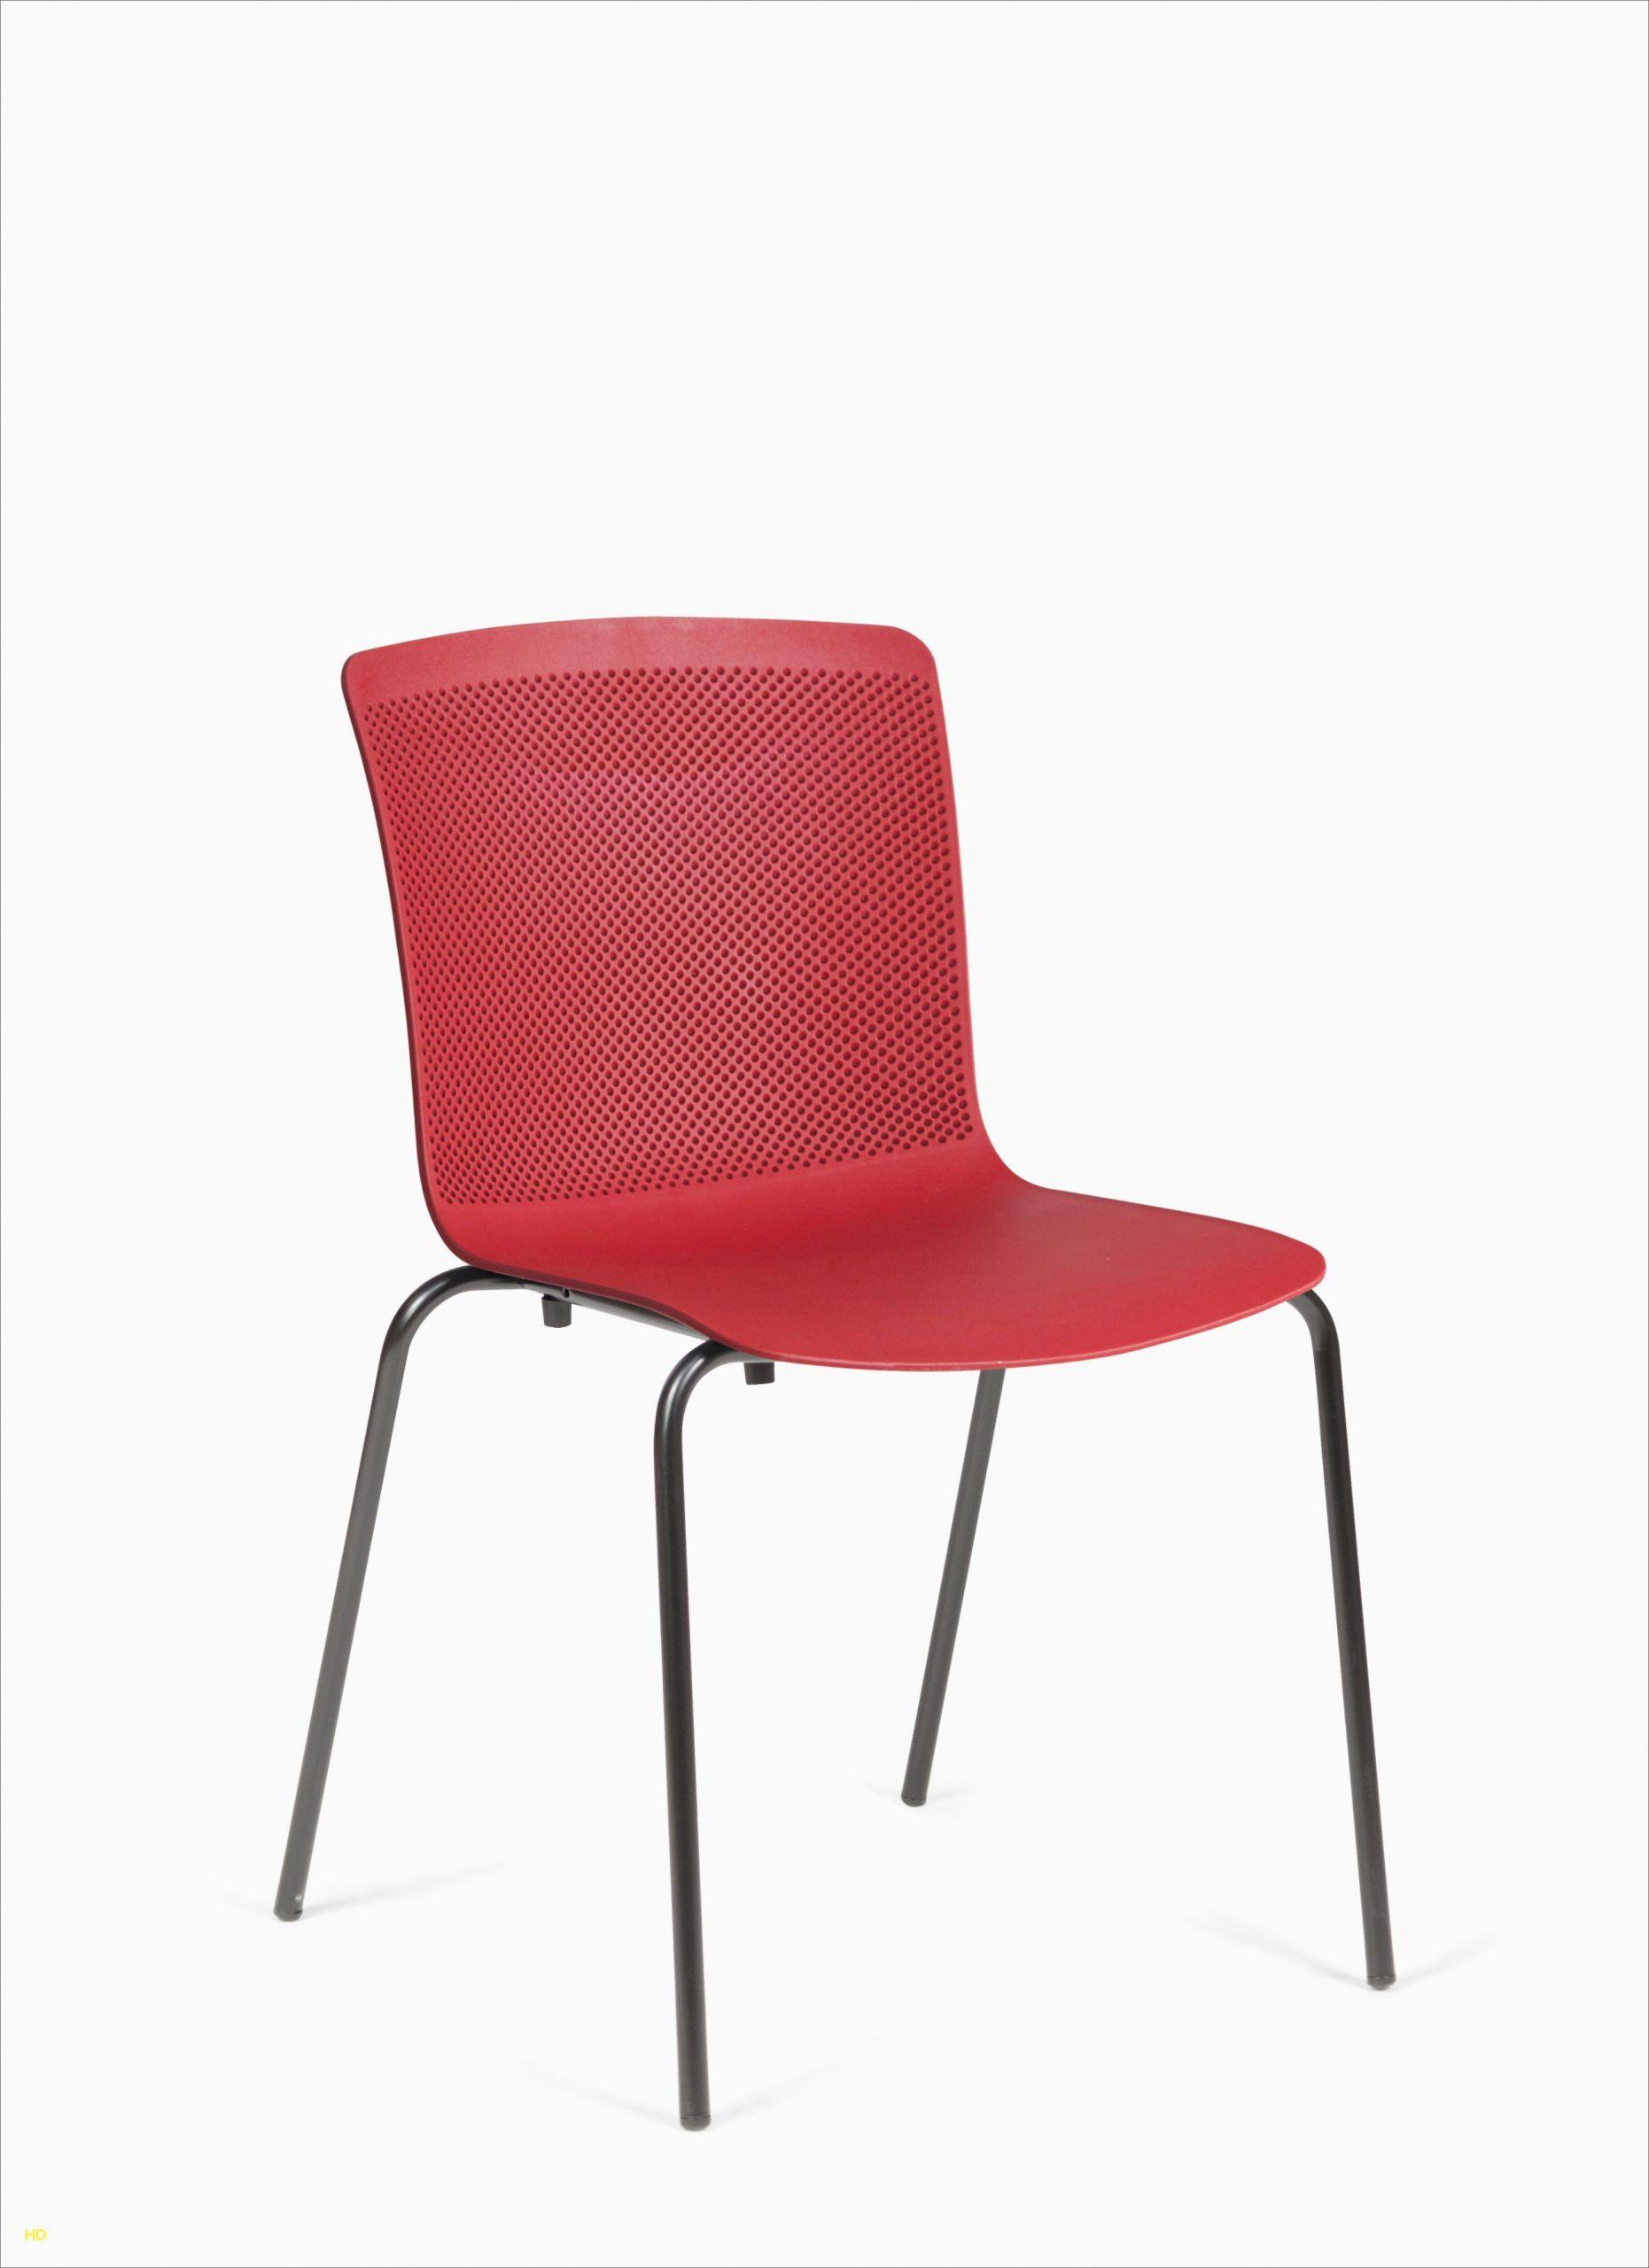 chaise longue basculante de jardin etonnant attrayant galerie de chaise chilienne beau chaise metal et des chaise longue basculante de jardin